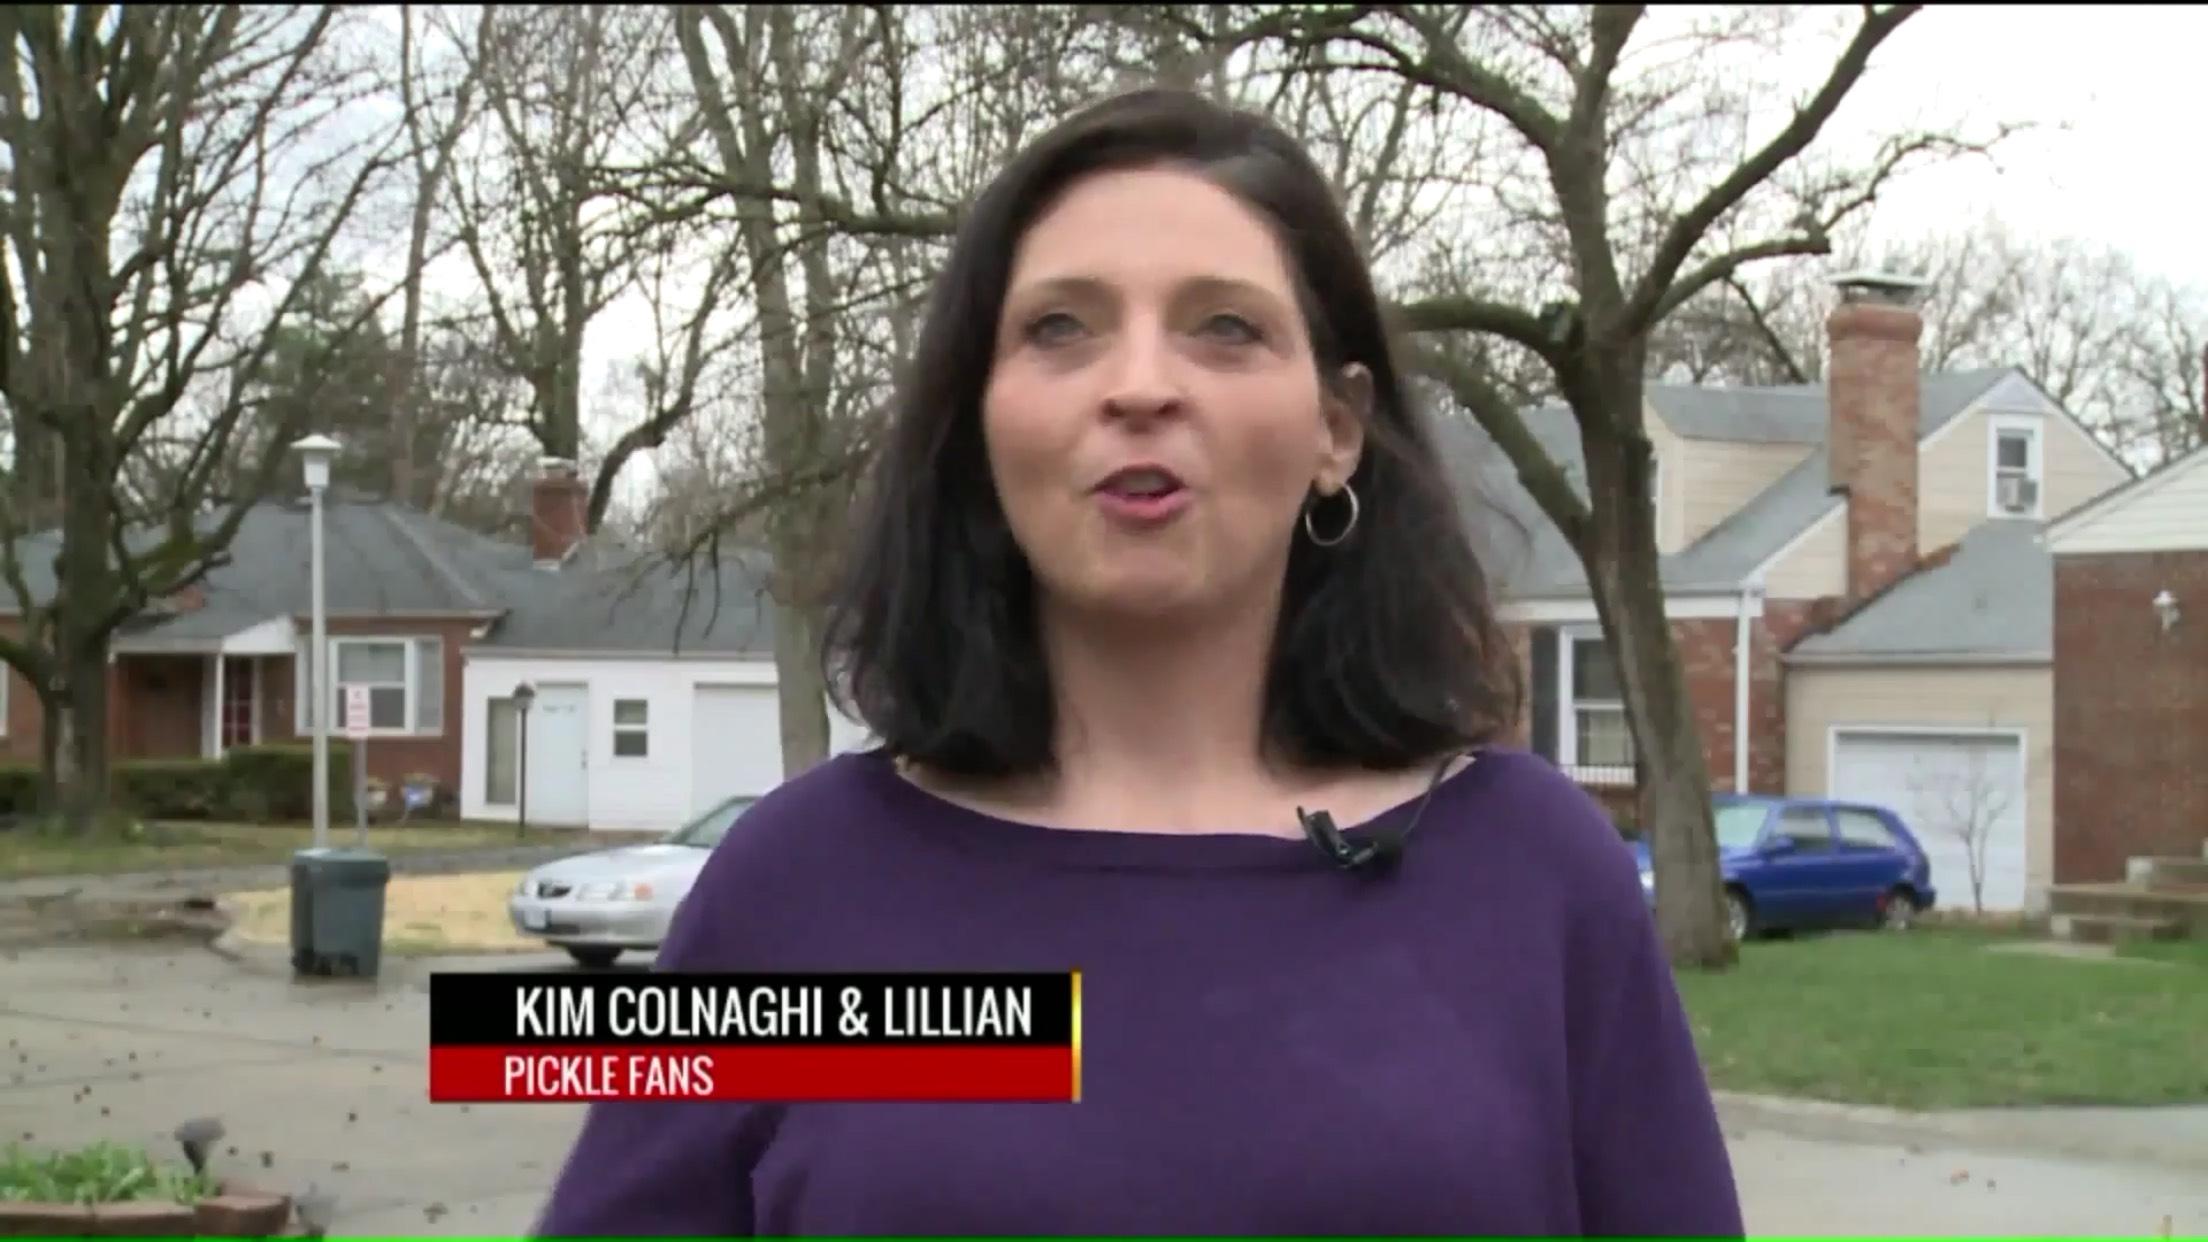 Kim Colnaghi & Lillian: Pickle Fans